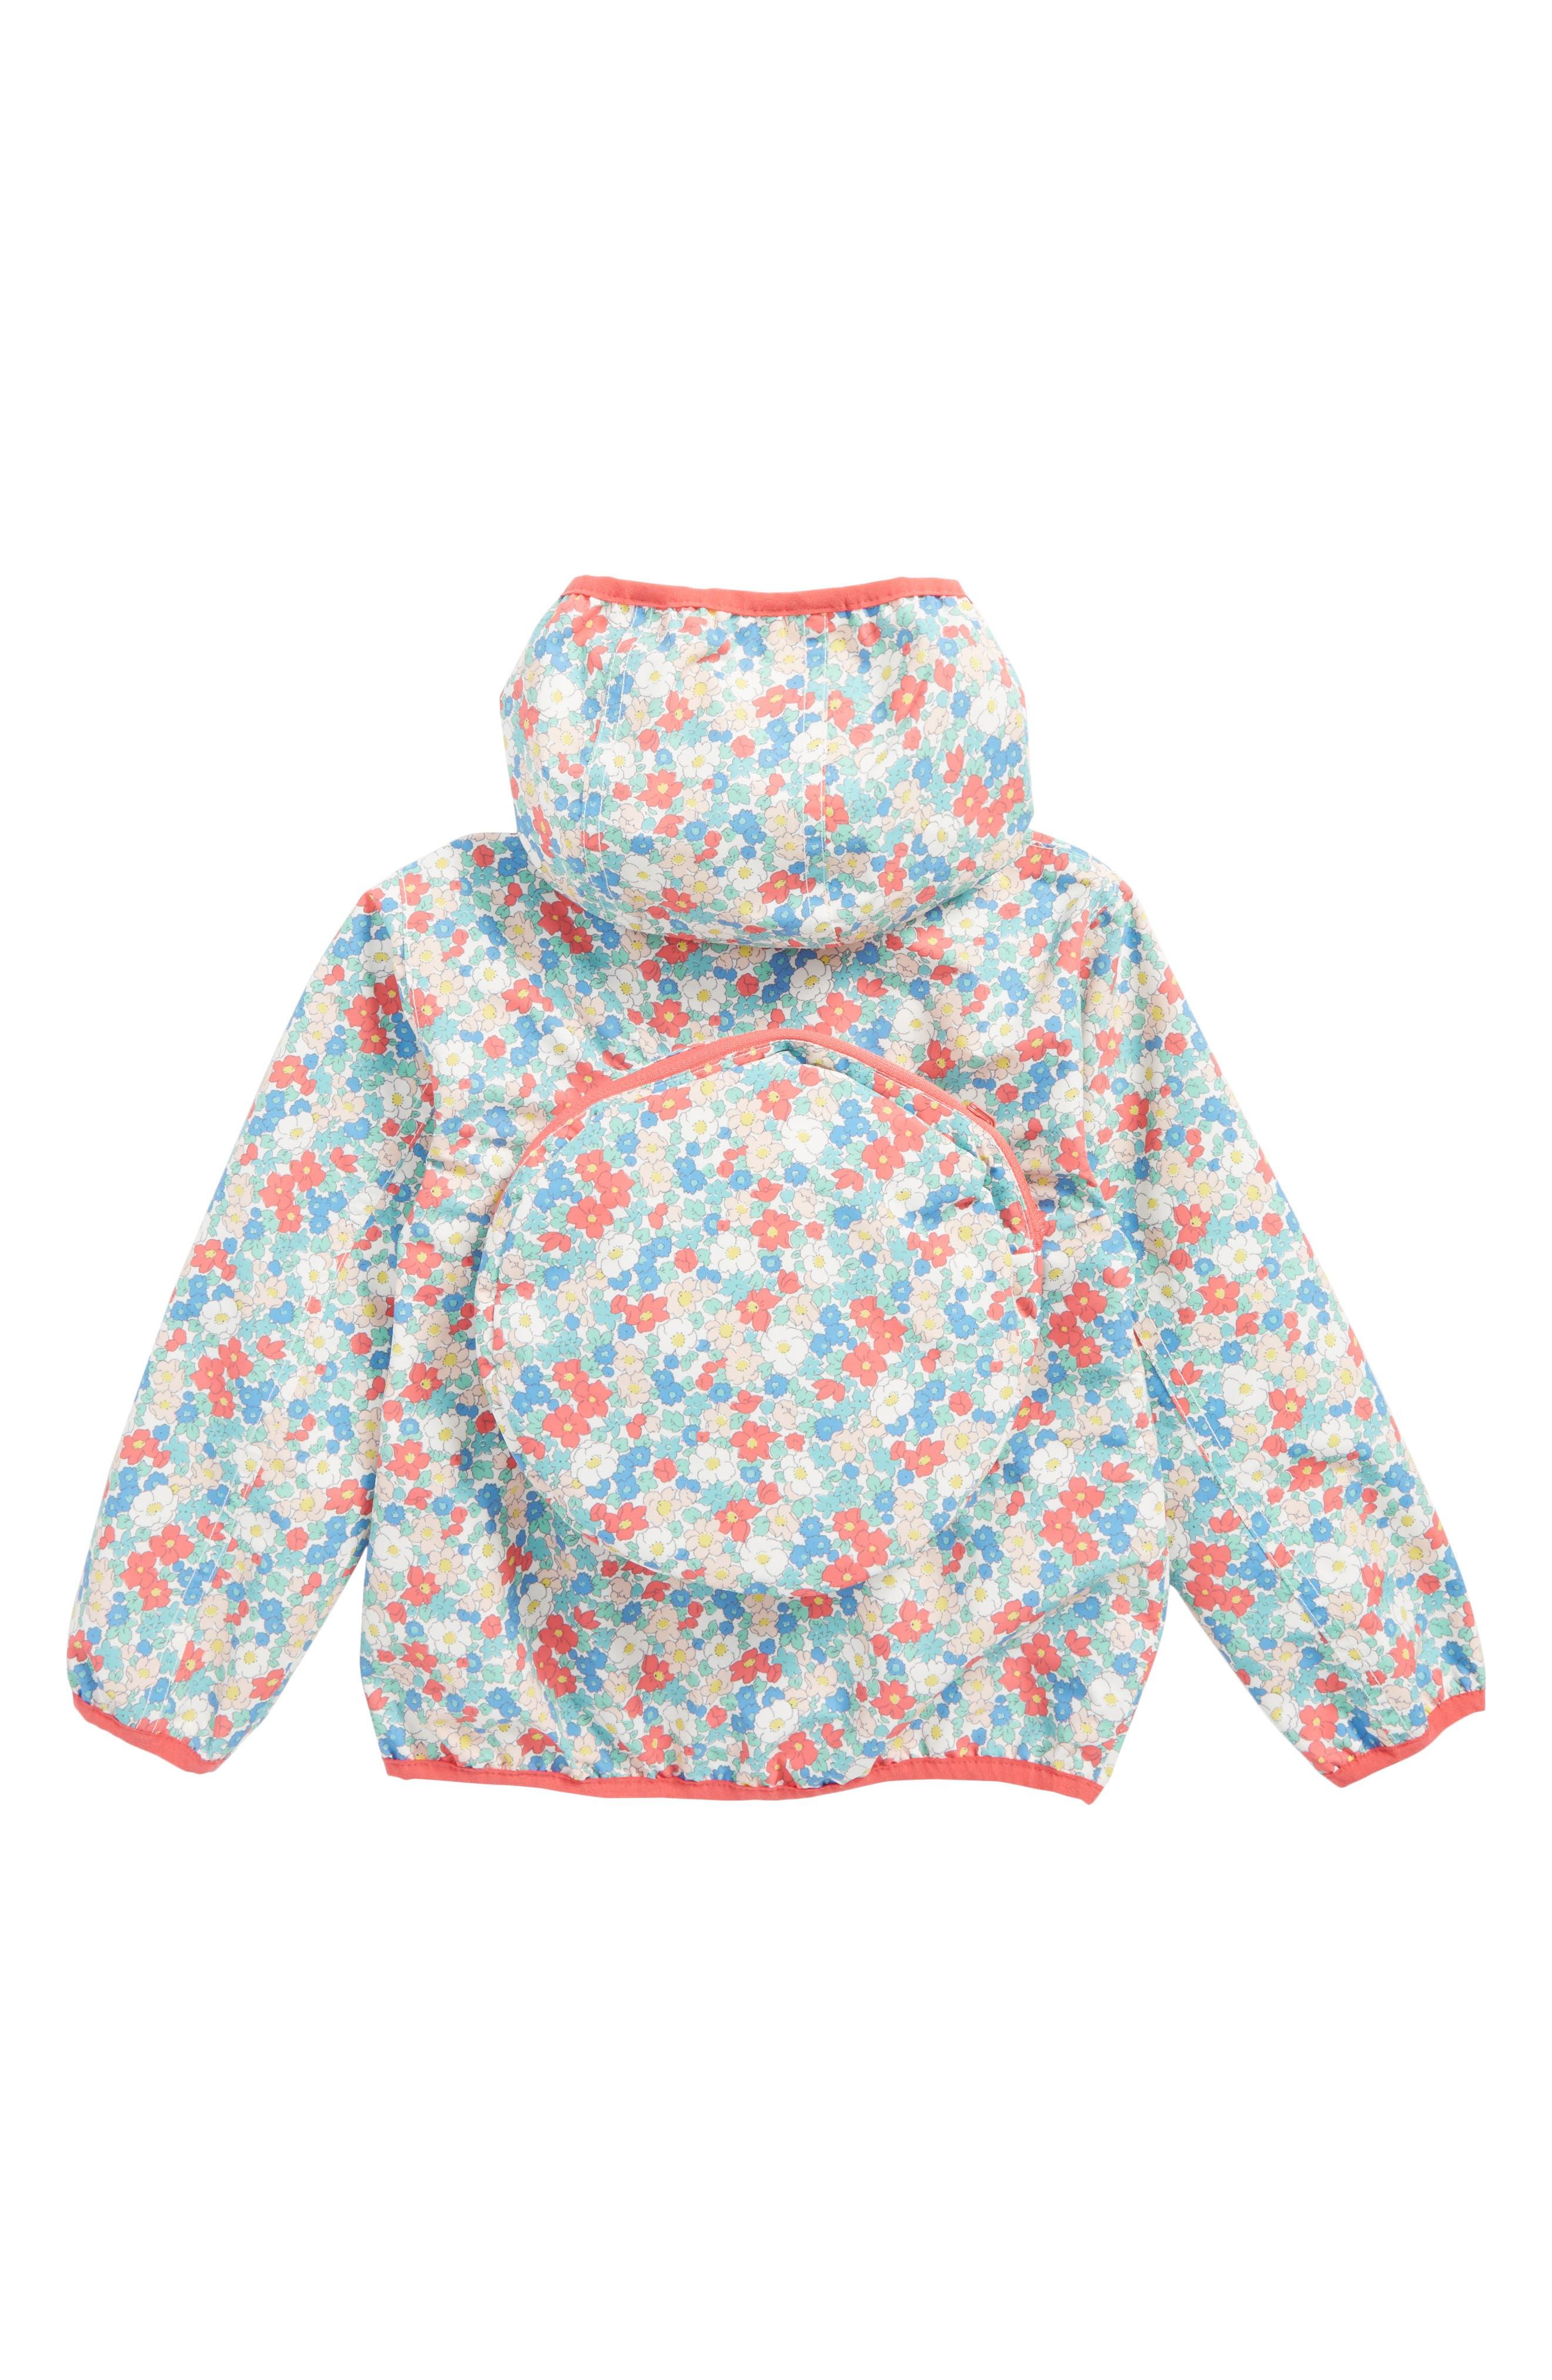 Packaway Waterproof Jacket,                             Alternate thumbnail 2, color,                             Strawberry Pink Floral